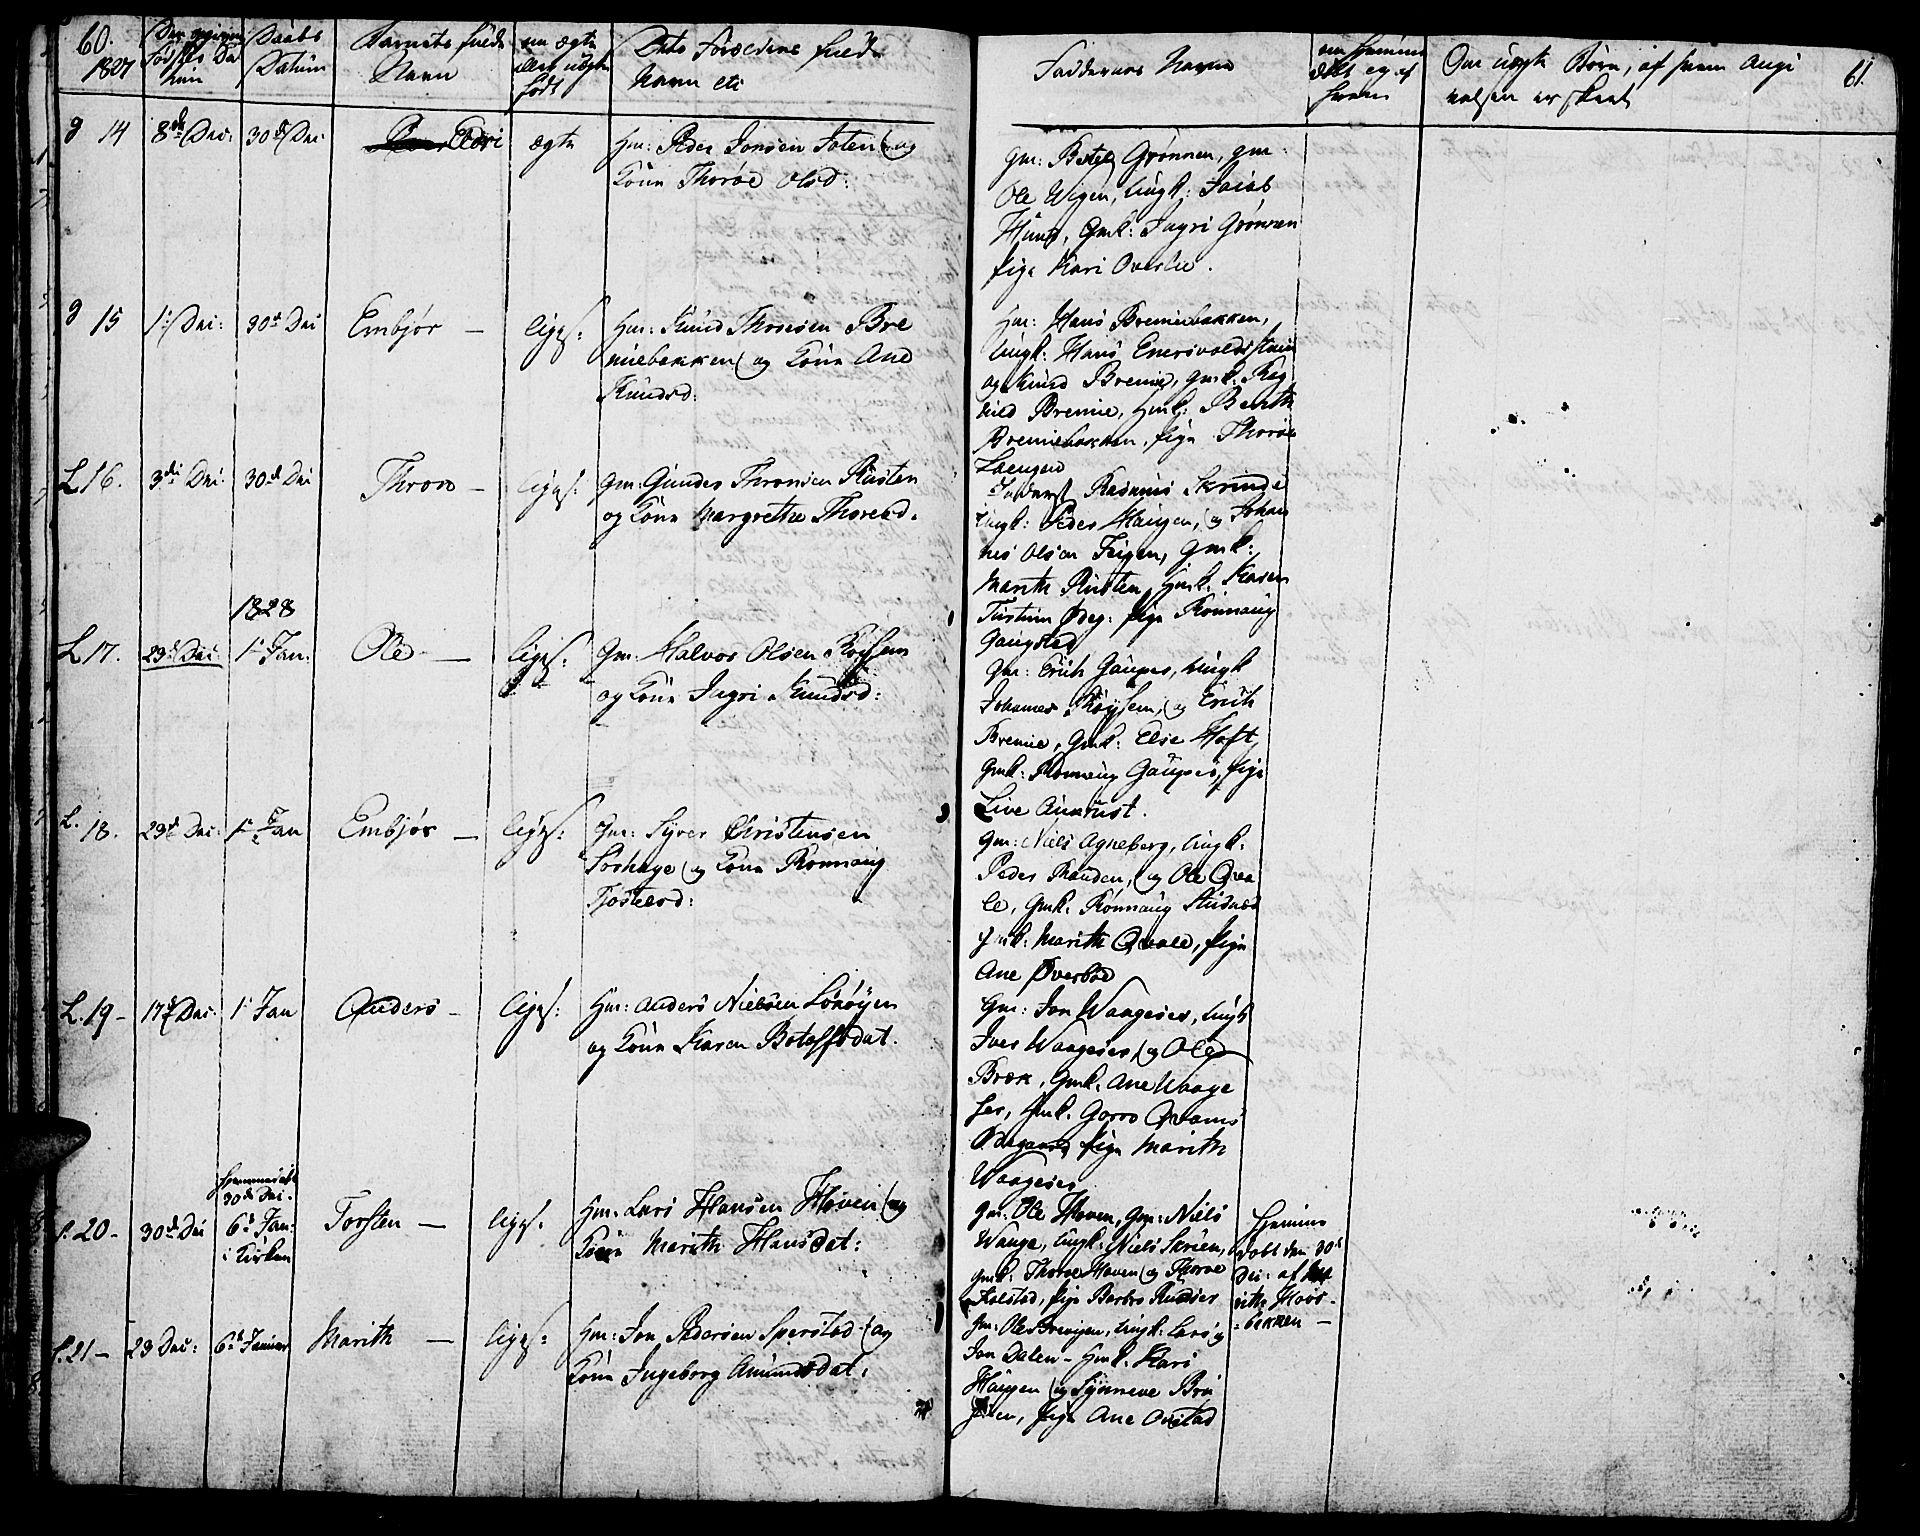 SAH, Lom prestekontor, K/L0005: Ministerialbok nr. 5, 1825-1837, s. 60-61